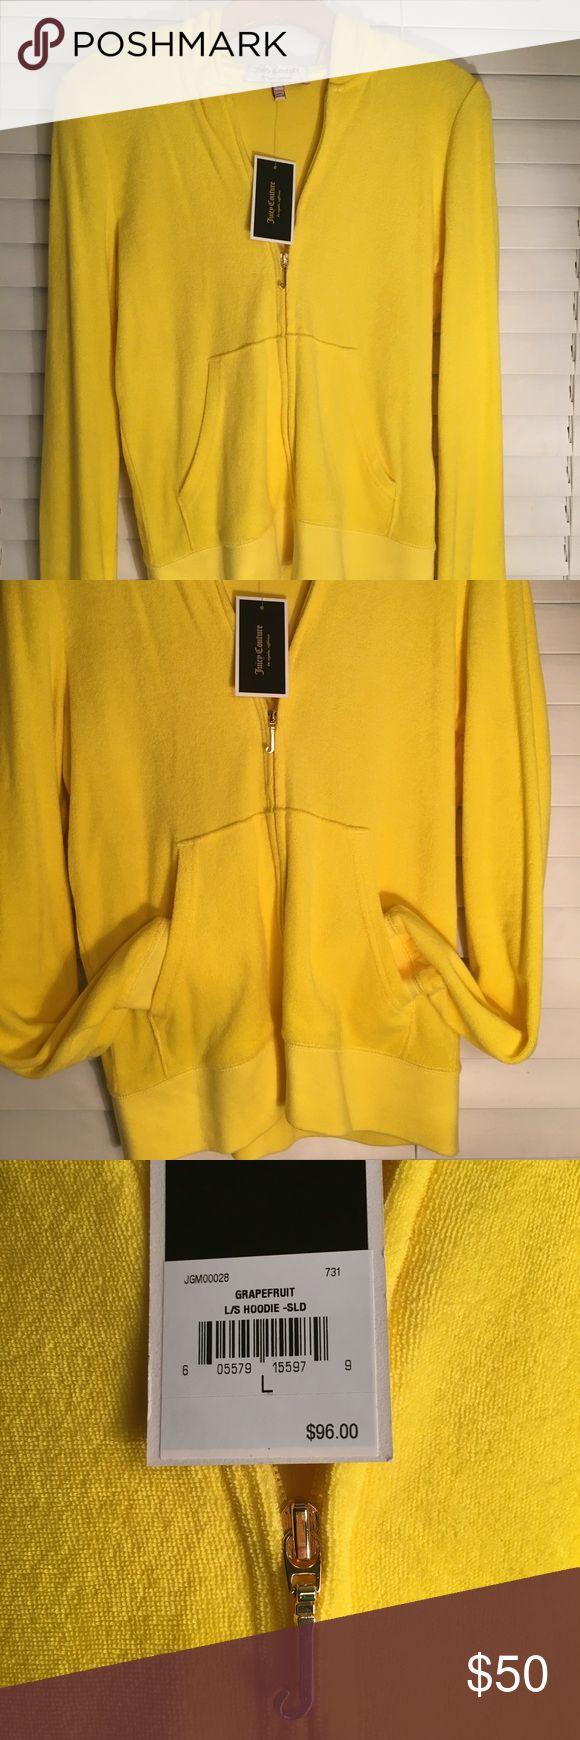 New Juicy (Grapefruit) zip up hoodie New Juicy Couture Color: Grapefruit/yellow -  zip up hoodie Juicy Couture Jackets & Coats